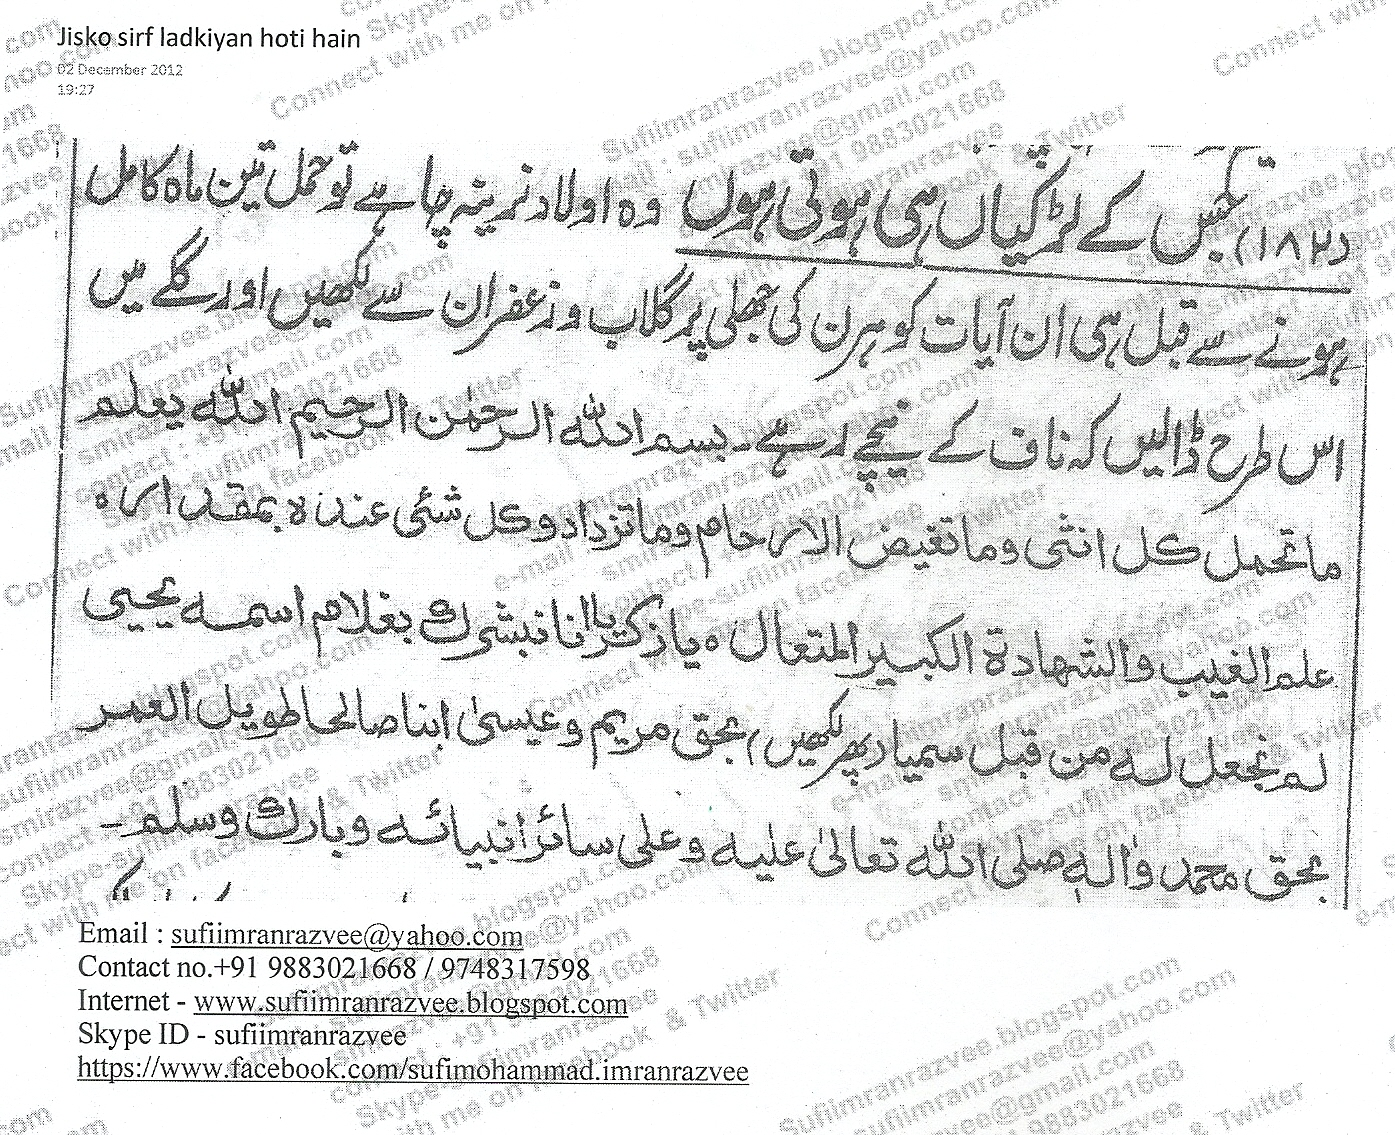 عملیات شفاء امراض Amliyat Shifa Amraz 0091-33-23607502: جس